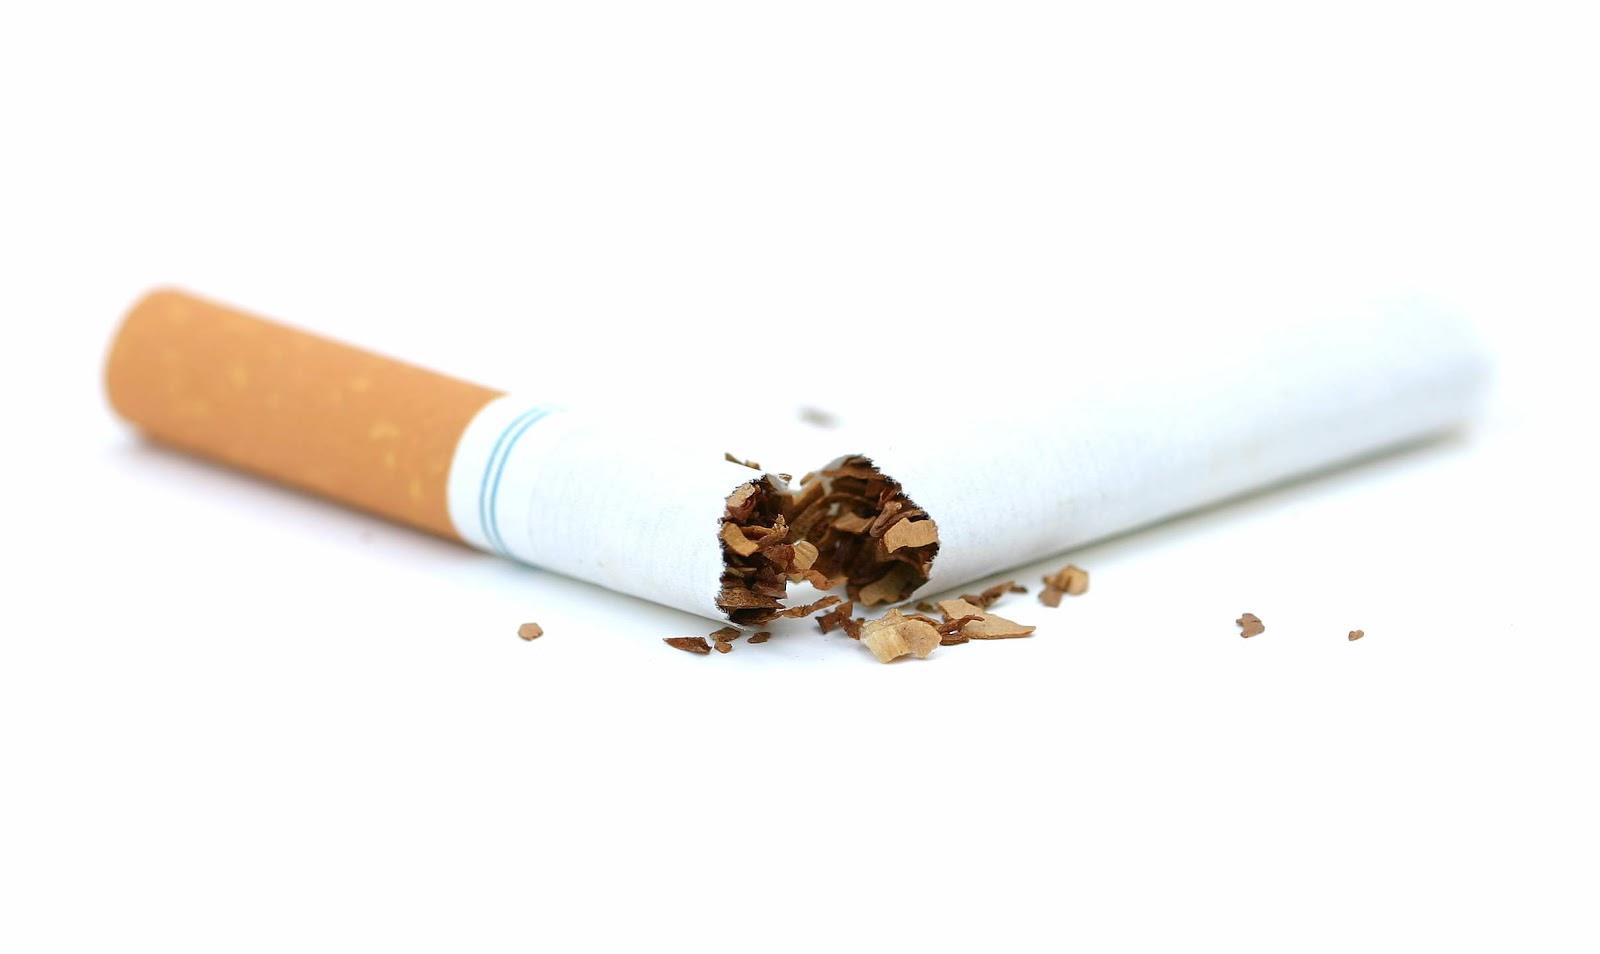 Novembre - Moi(s) sans tabac